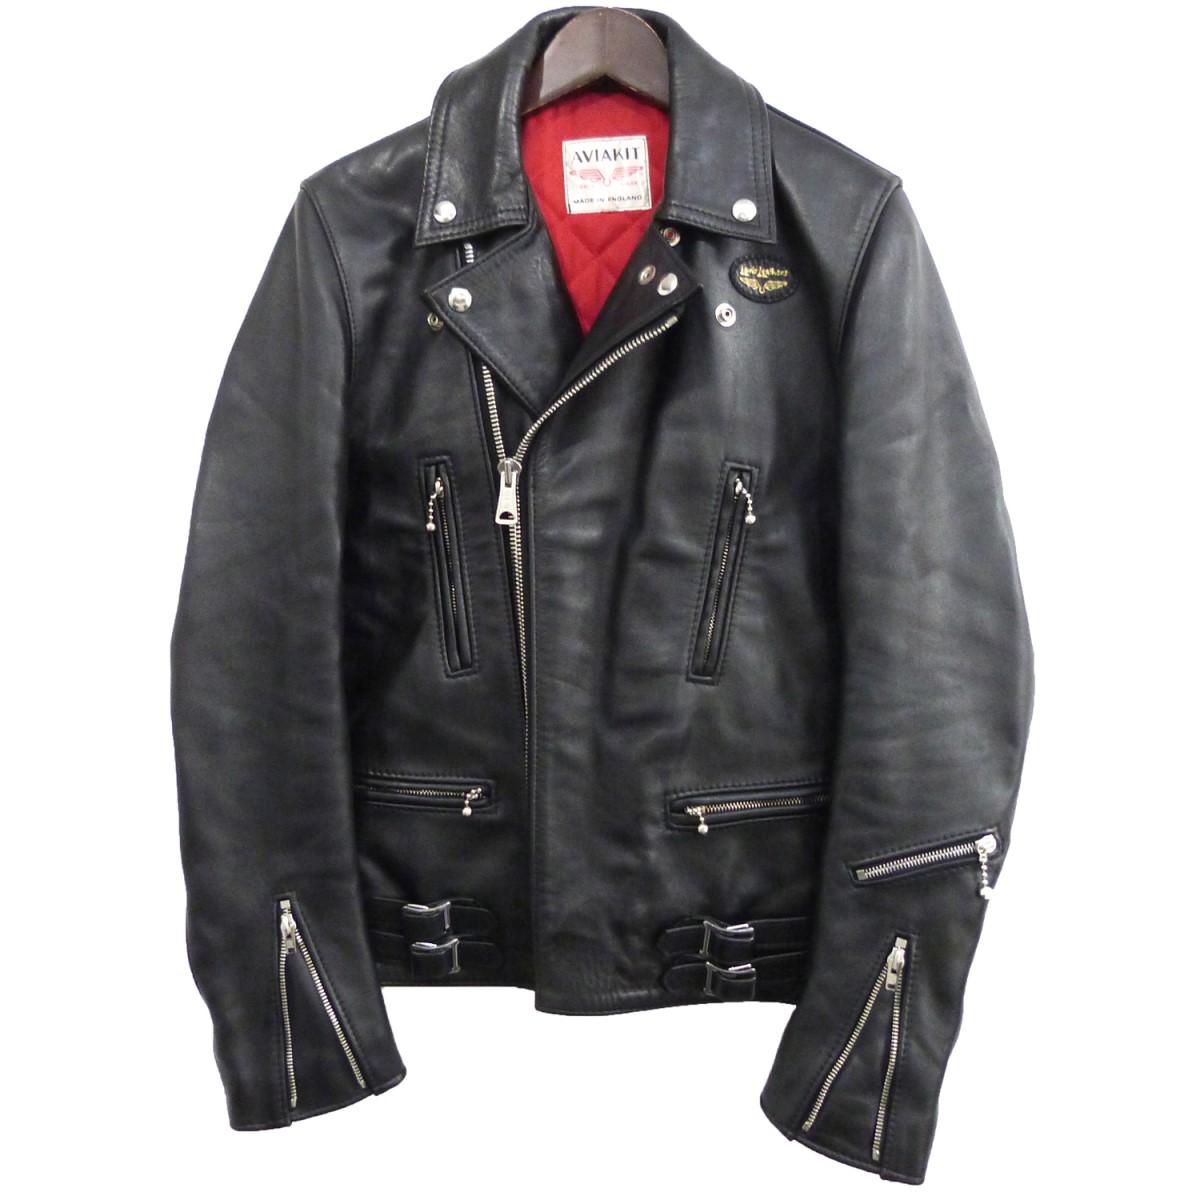 【中古】Lewis Leathers 「391 LIGHTNING」ダブルライダースジャケット ブラック サイズ:34 【050620】(ルイスレザー)